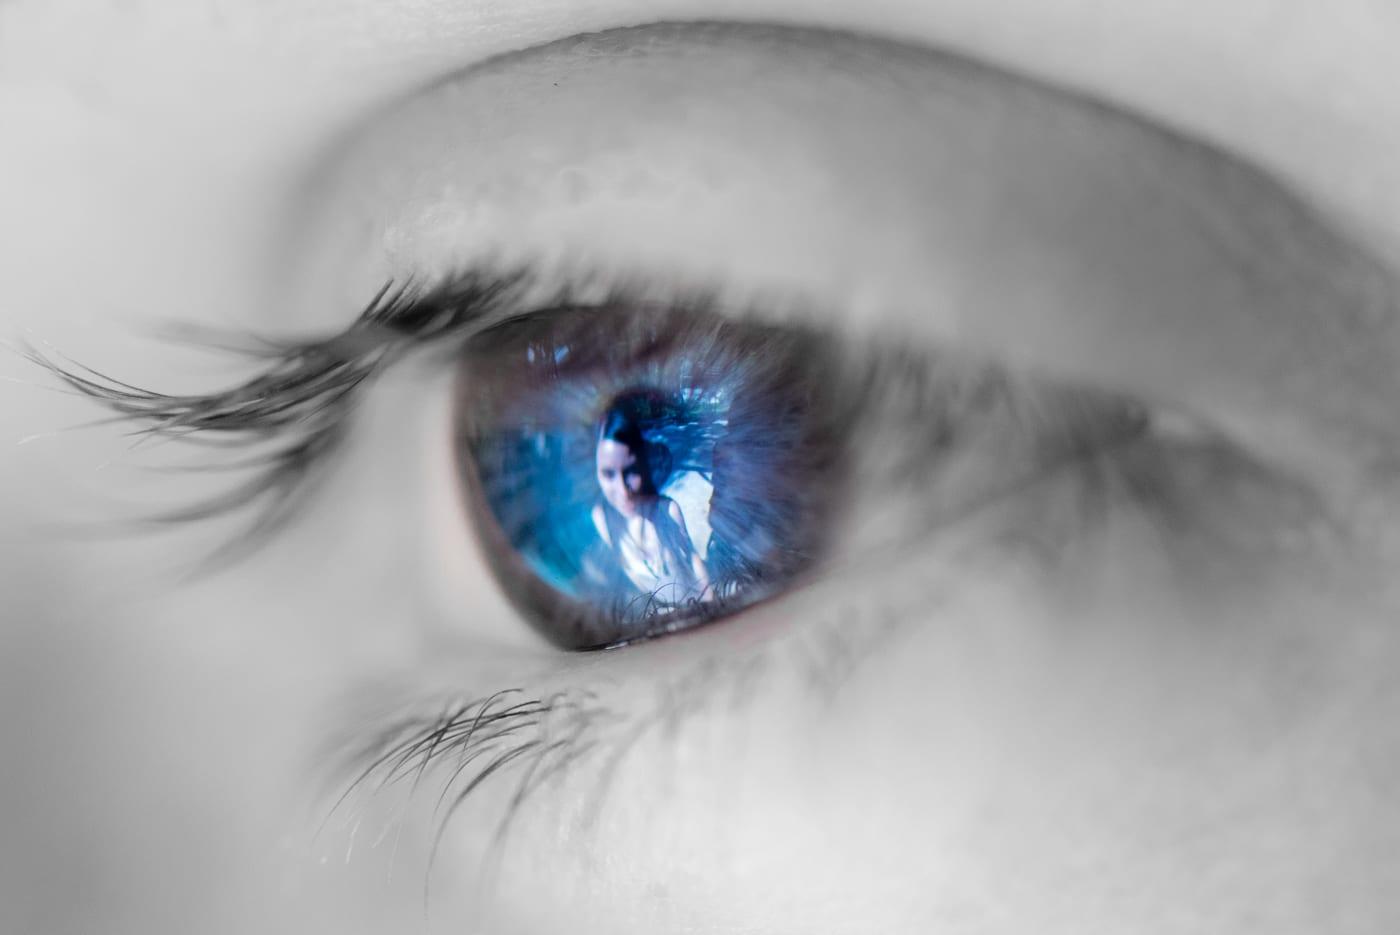 Beauty In The Eye